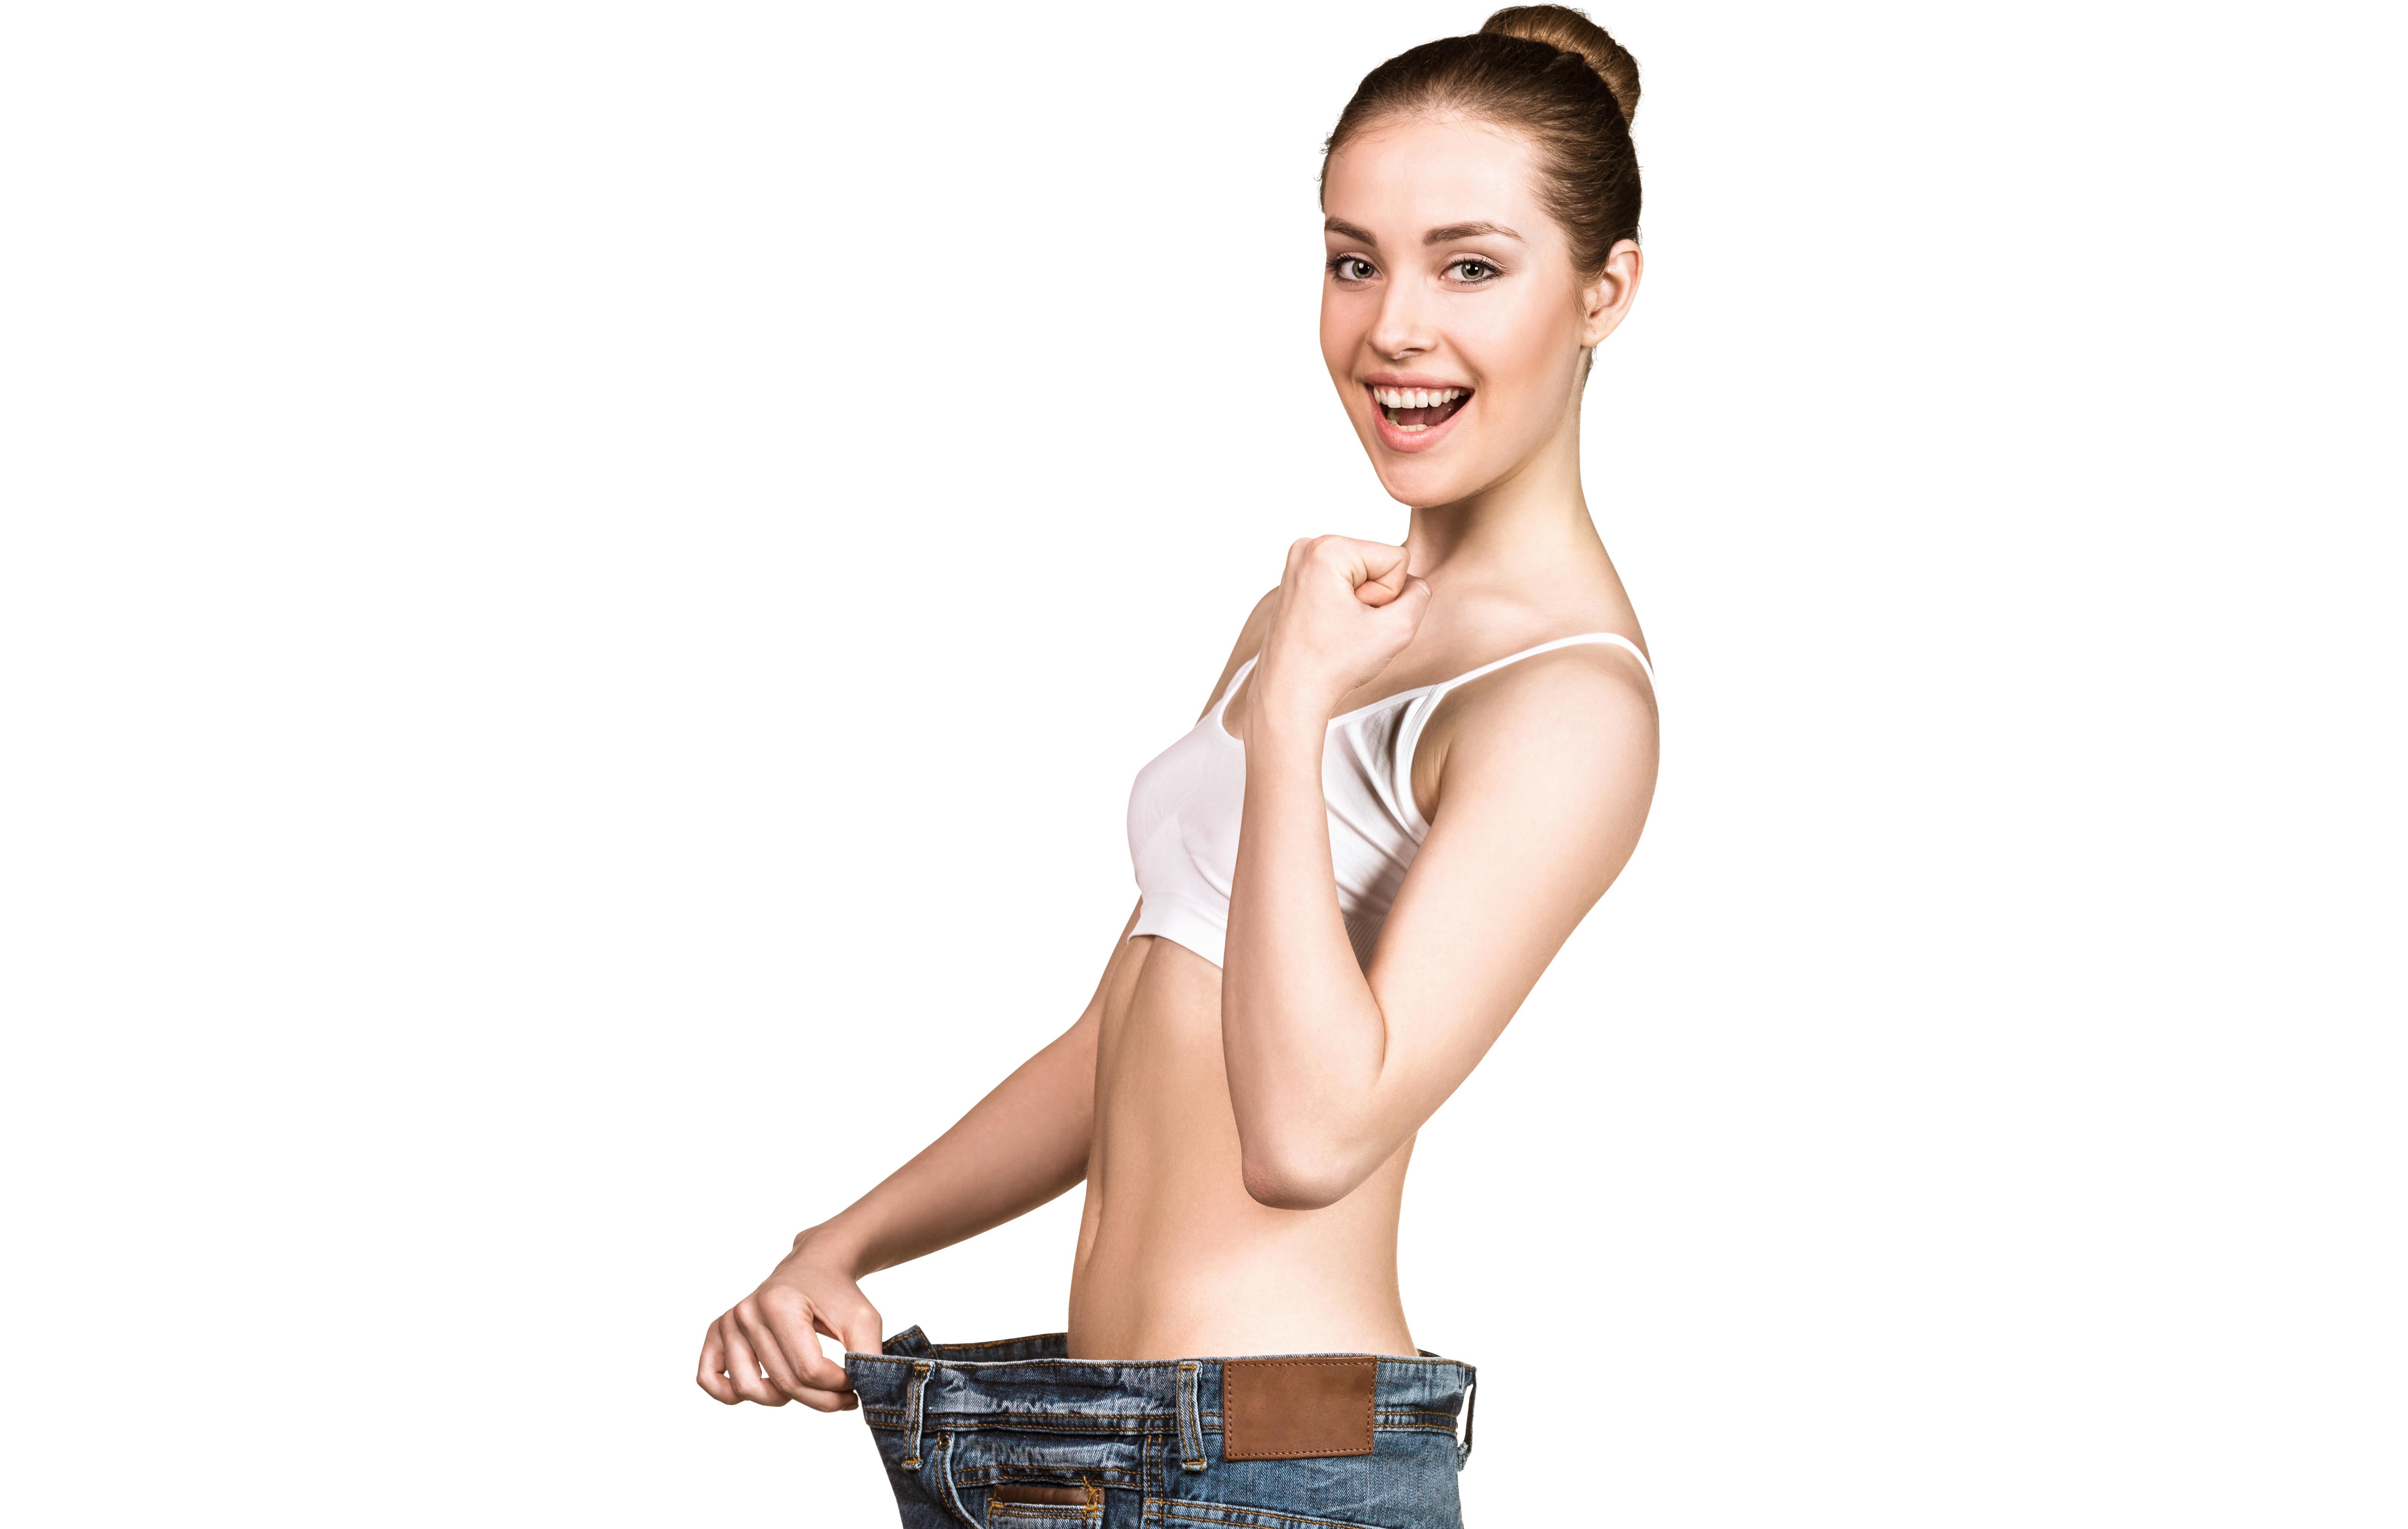 Így kell fogyni változó korban! - Kilenc kiló, 20 nap alatt! - Blikk